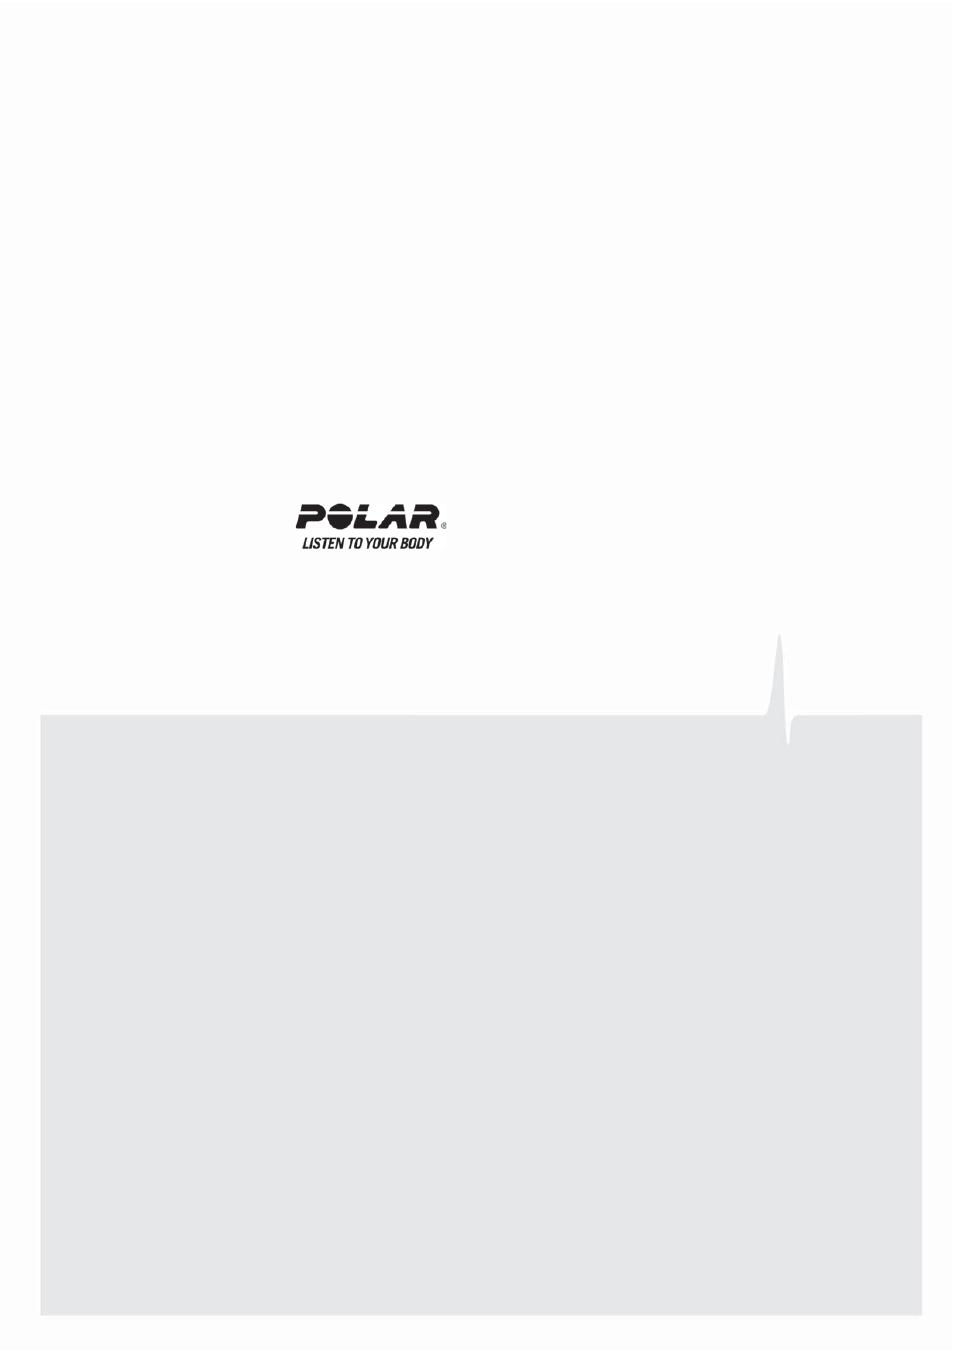 Polar Rs 800 Инструкция На Русском